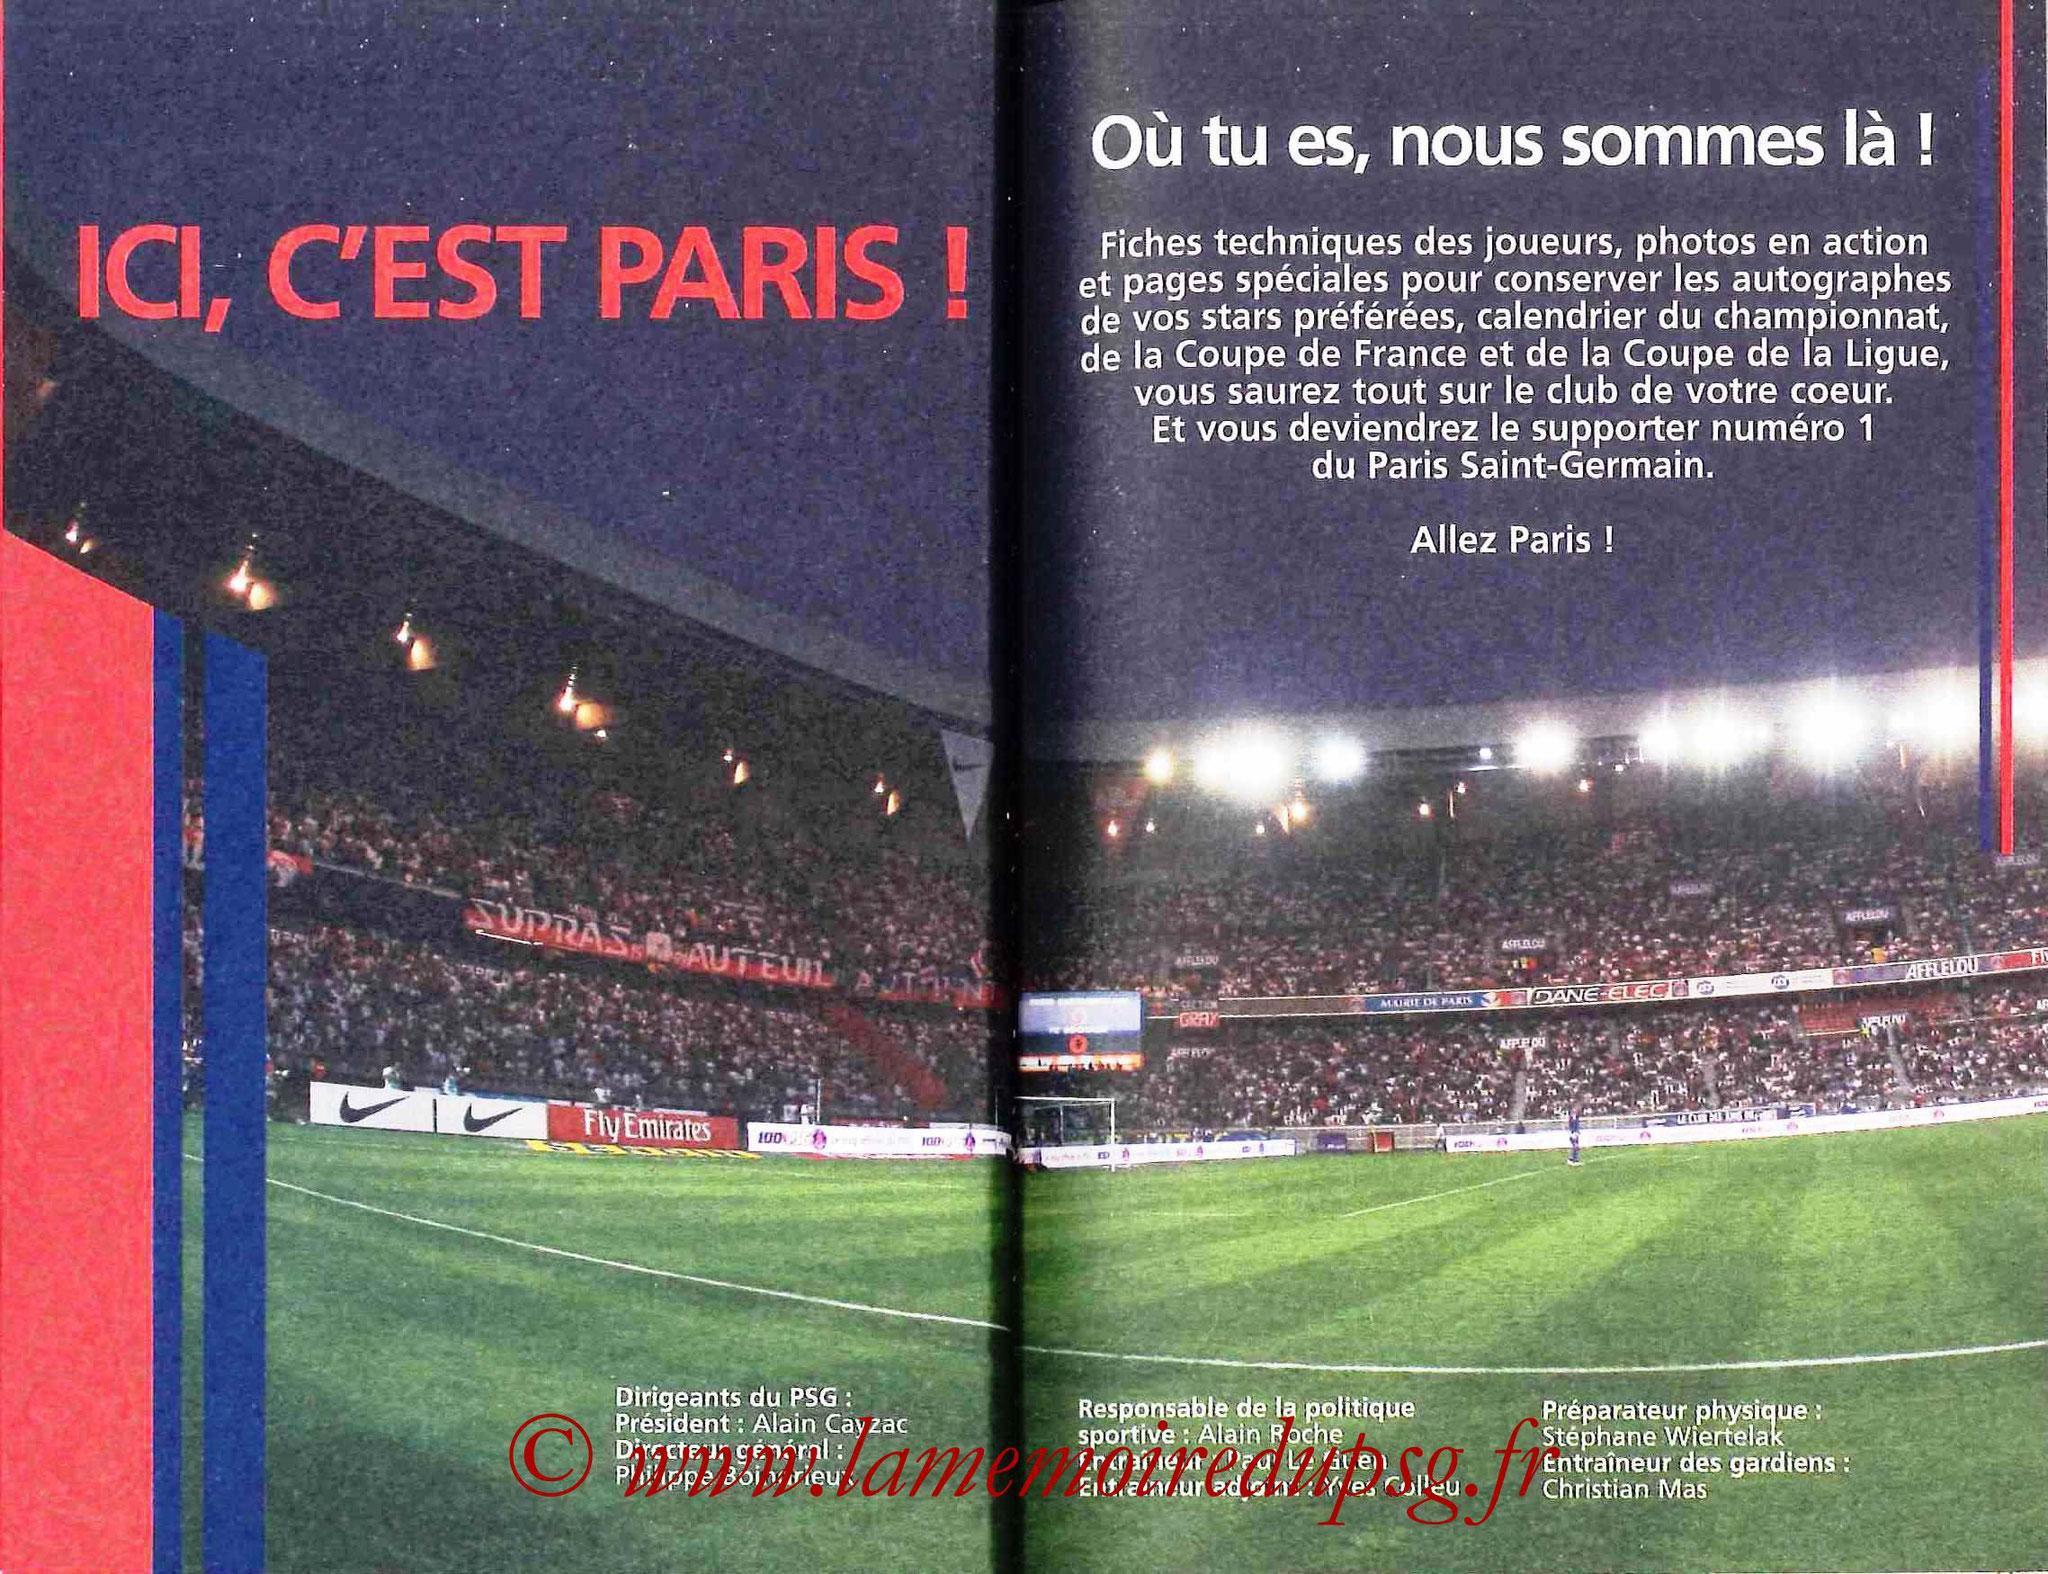 2007-08 - Guide de la Saison PSG - Pages 4 et 5